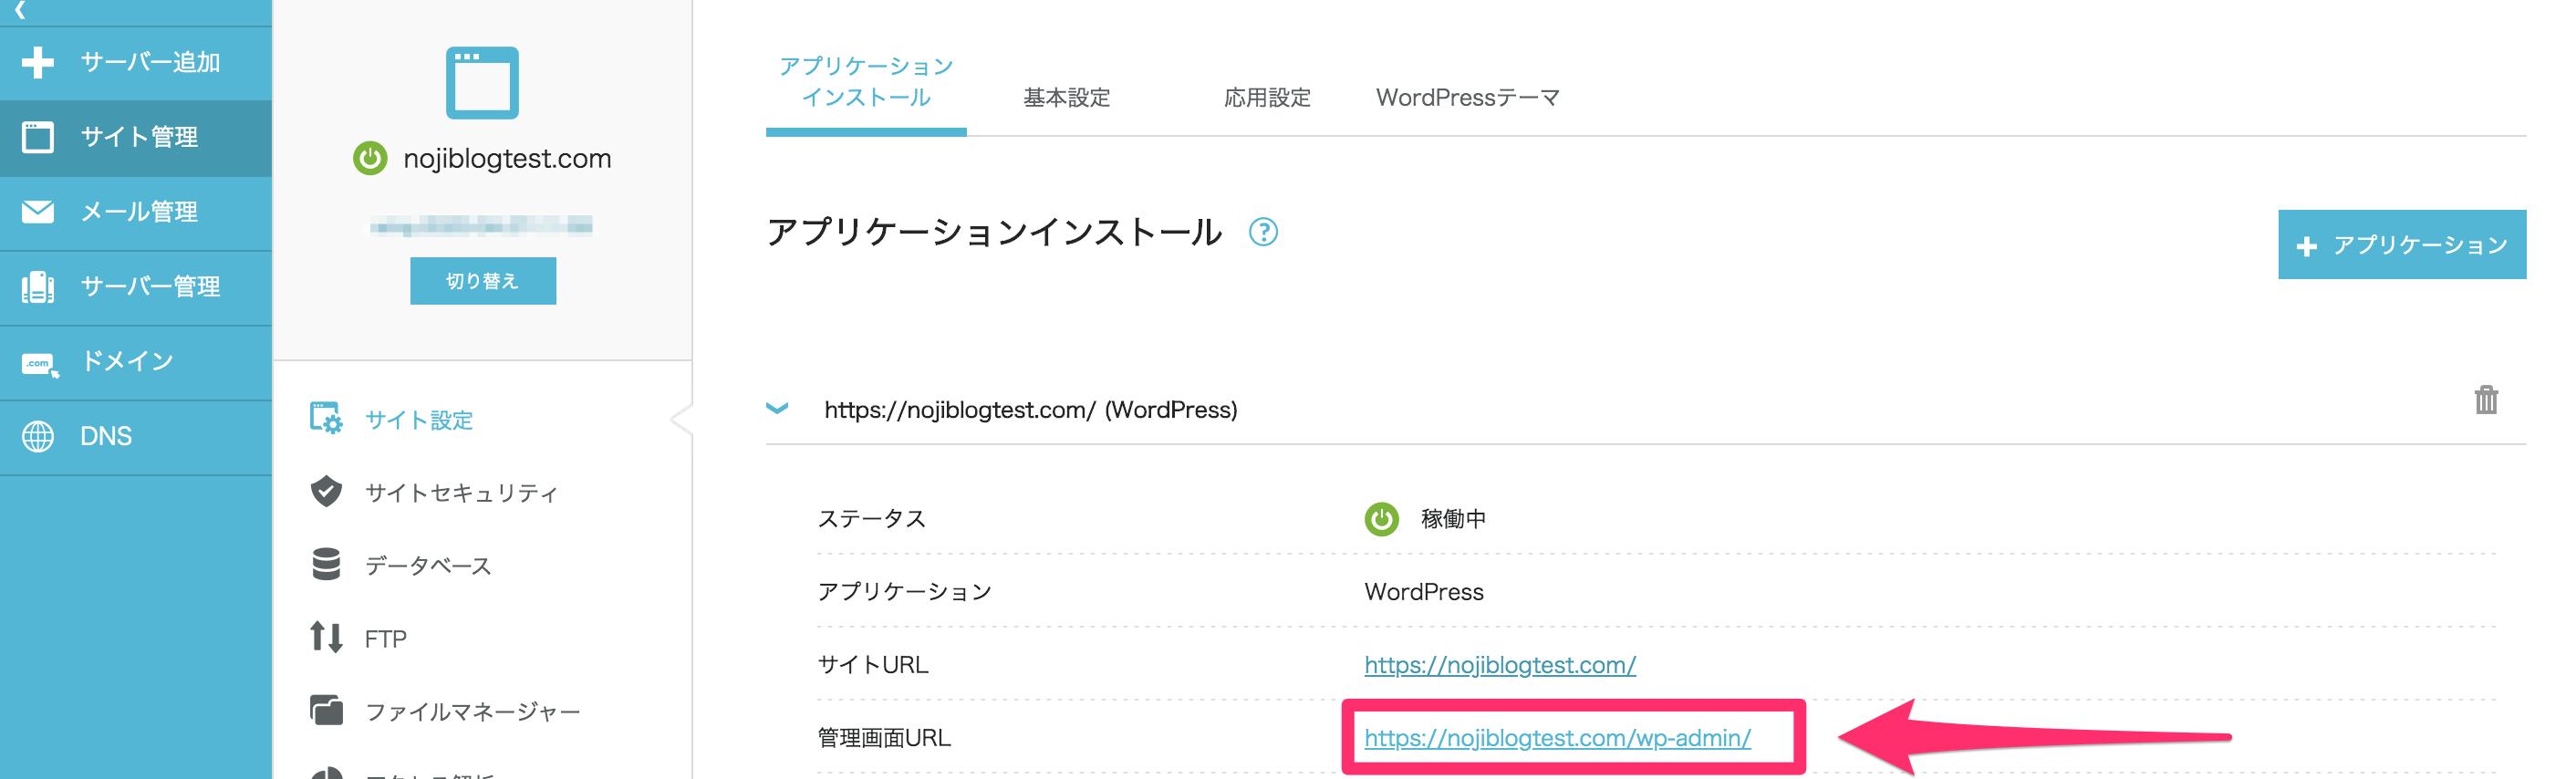 『管理画面URL』にアクセス